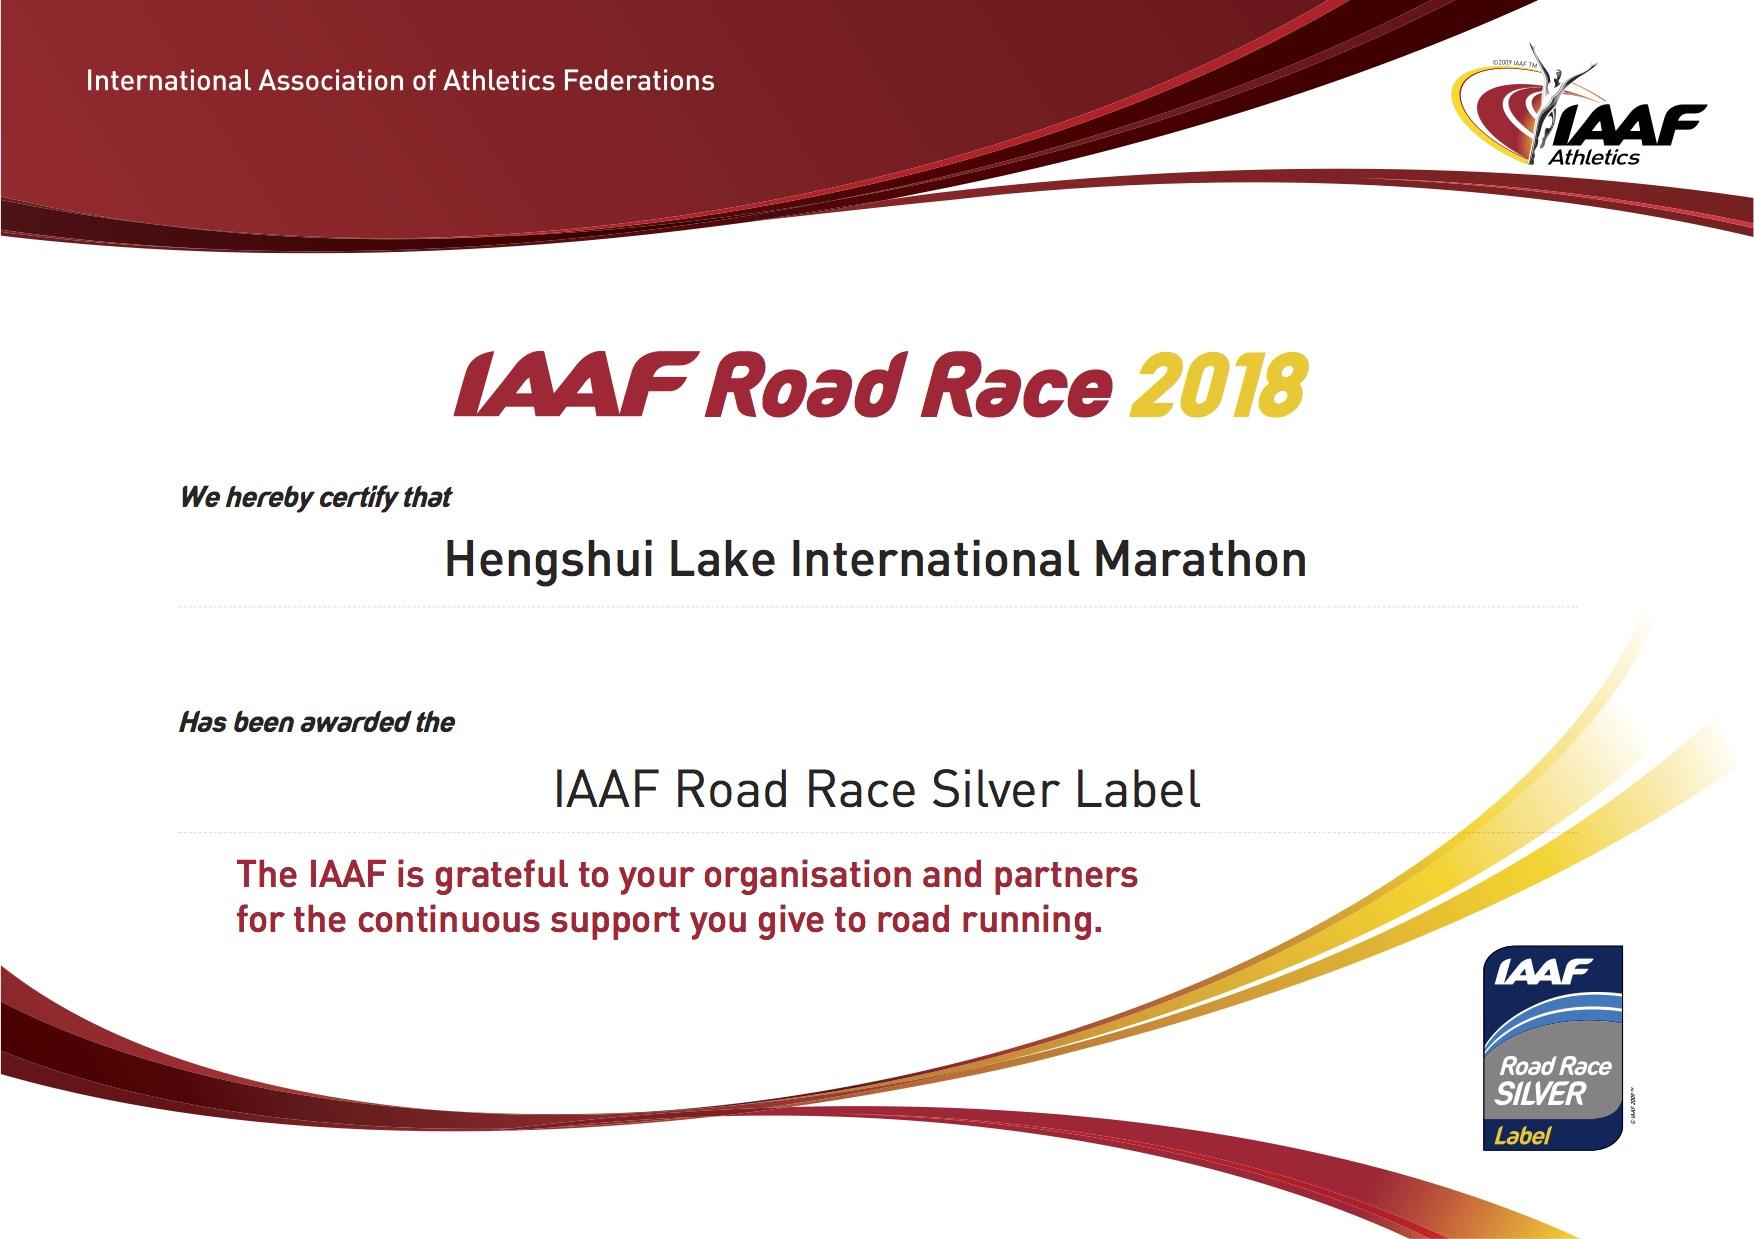 衡水湖马拉松获封国际田联银标赛事称号